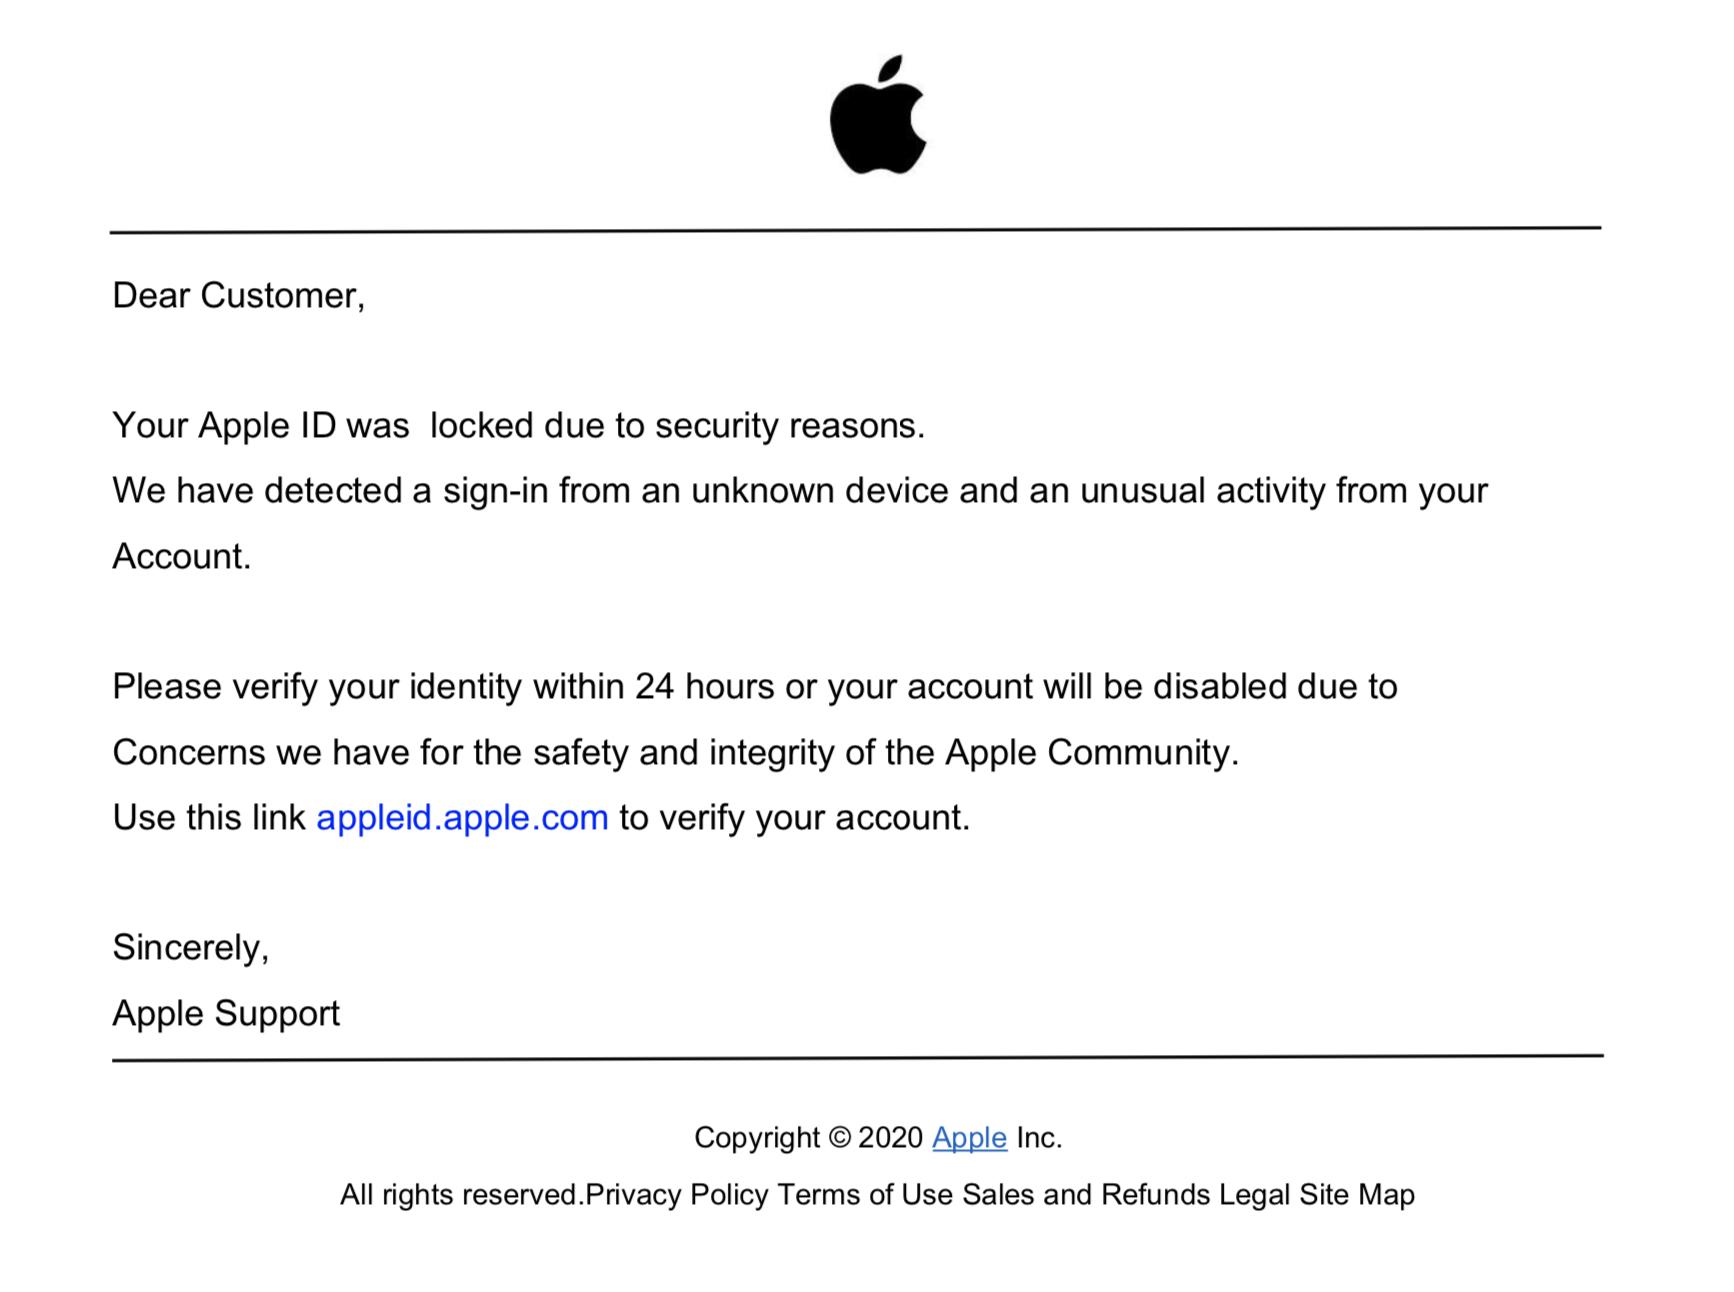 Appleからのものであると称するフィッシングPDF「お客様各位、セキュリティ上の理由によりAppleIDがロックされました。不明なデバイスからのサインインとアカウントからの異常なアクティビティが検出されました。」そこから、ユーザーに「アカウントの確認」を促し、資格情報の窃取を開始します。このようなEコマース詐欺は、私たちが観測したPDFファイルのフィッシング詐欺のなかで上位のものの1つでした。